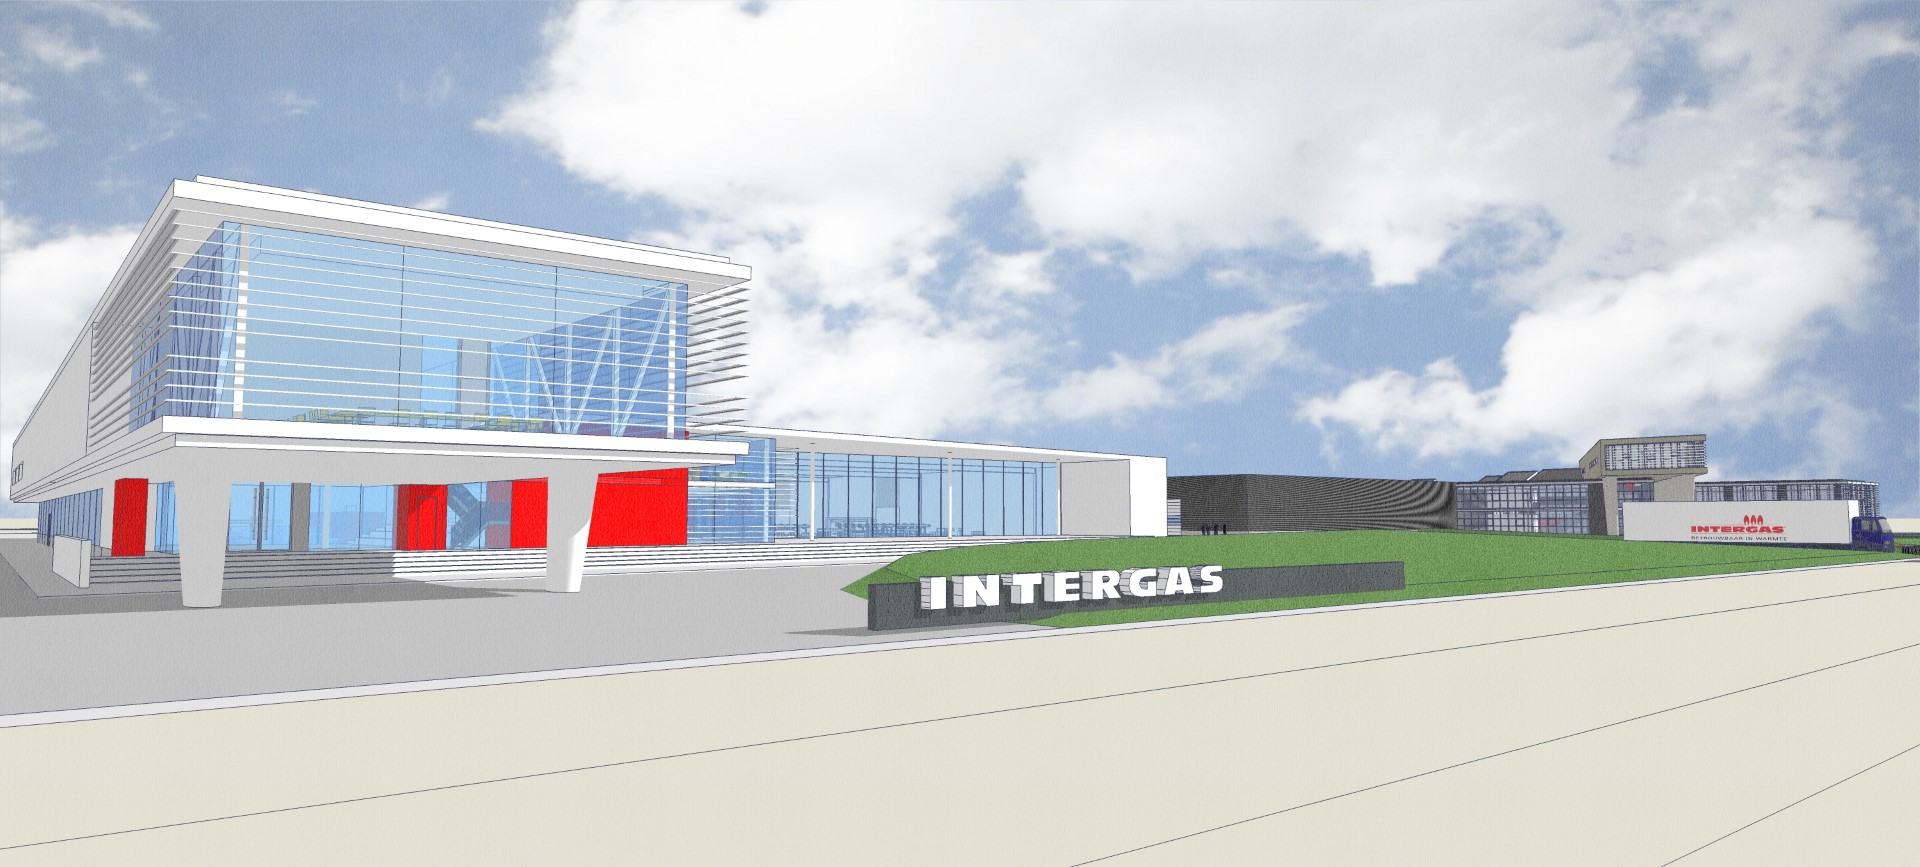 intergas 2.2